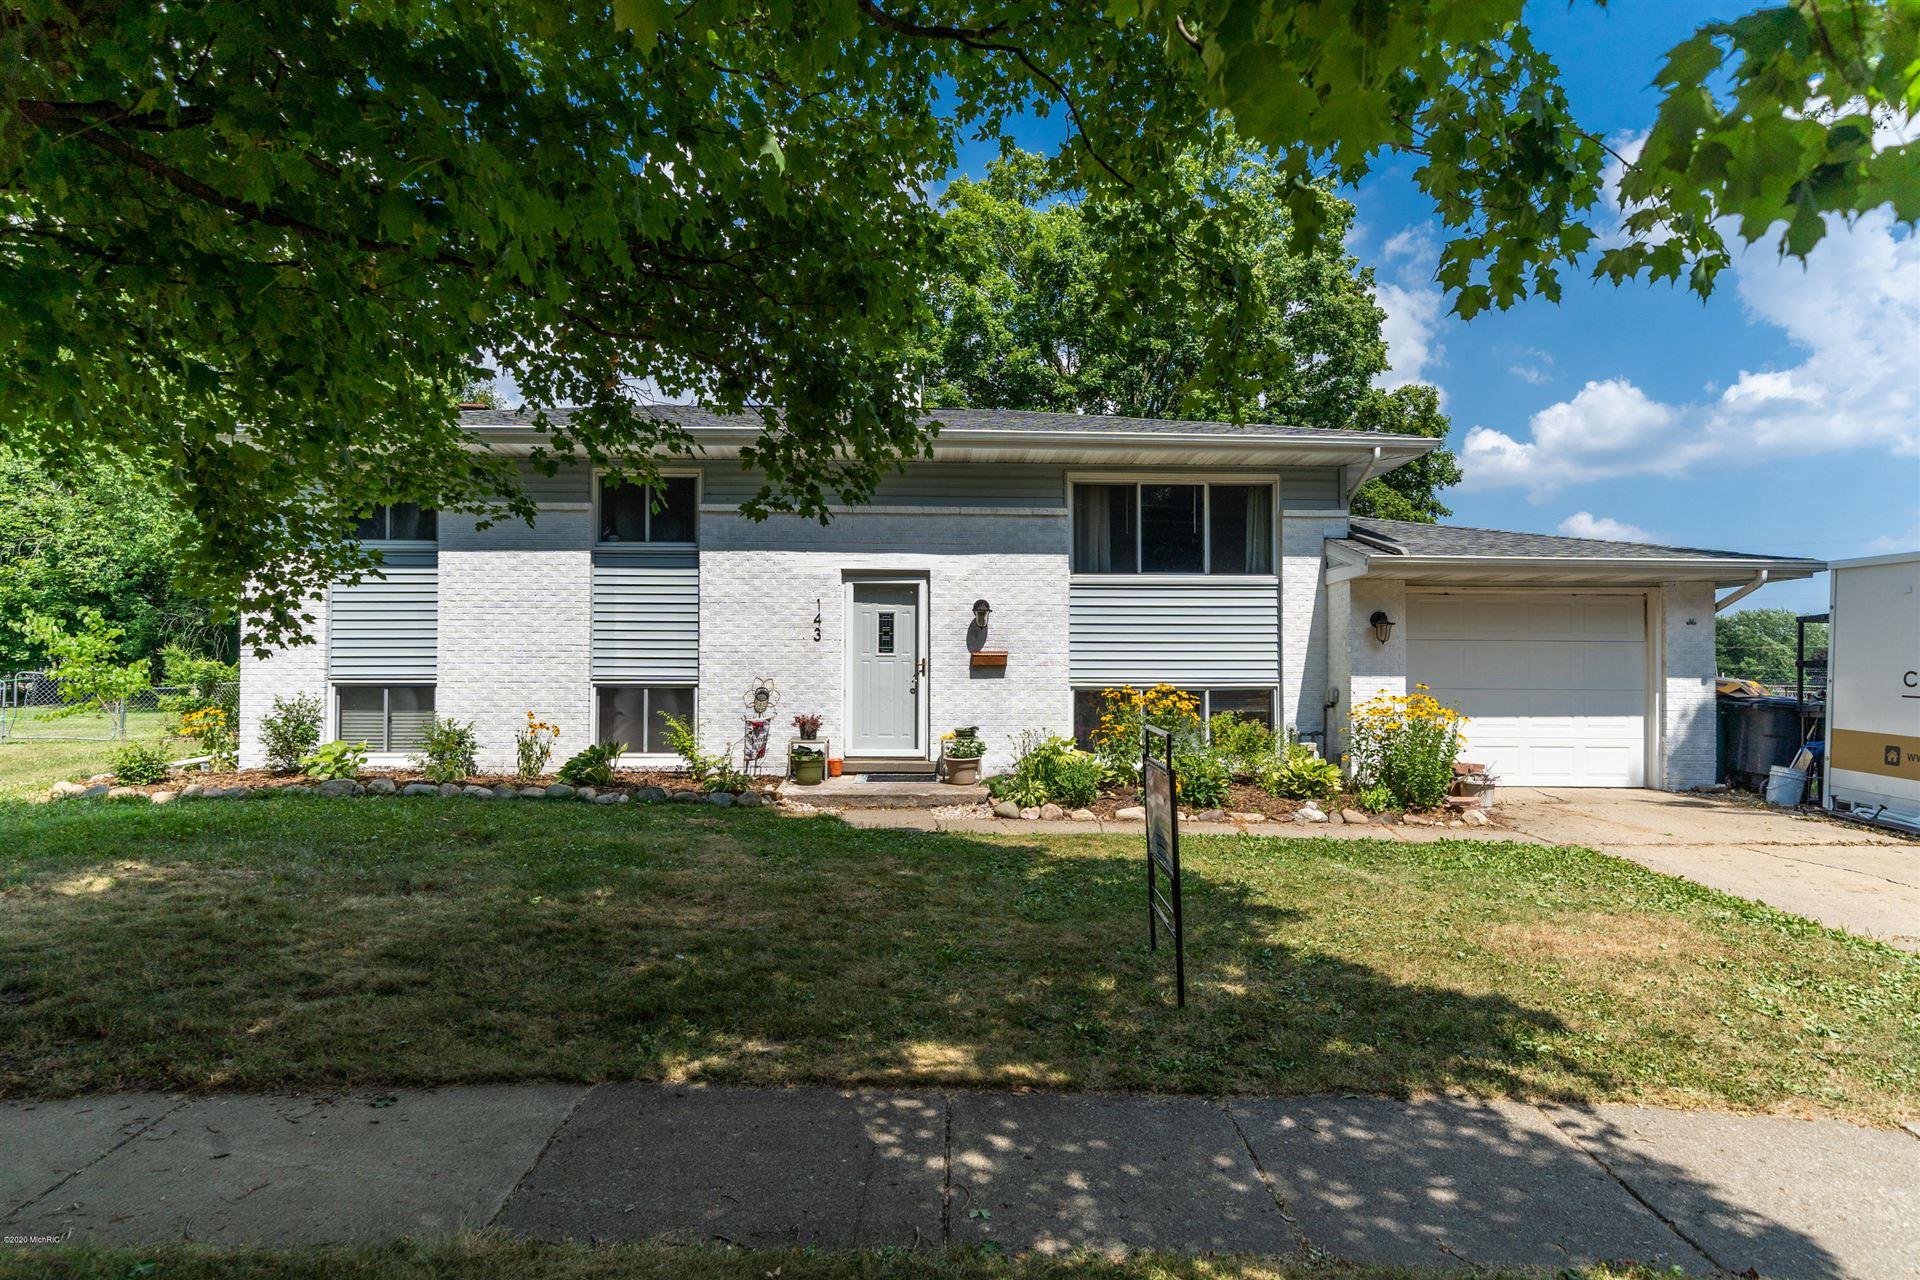 143 Apperson Road, Battle Creek, MI 49015 - MLS#: 20026809